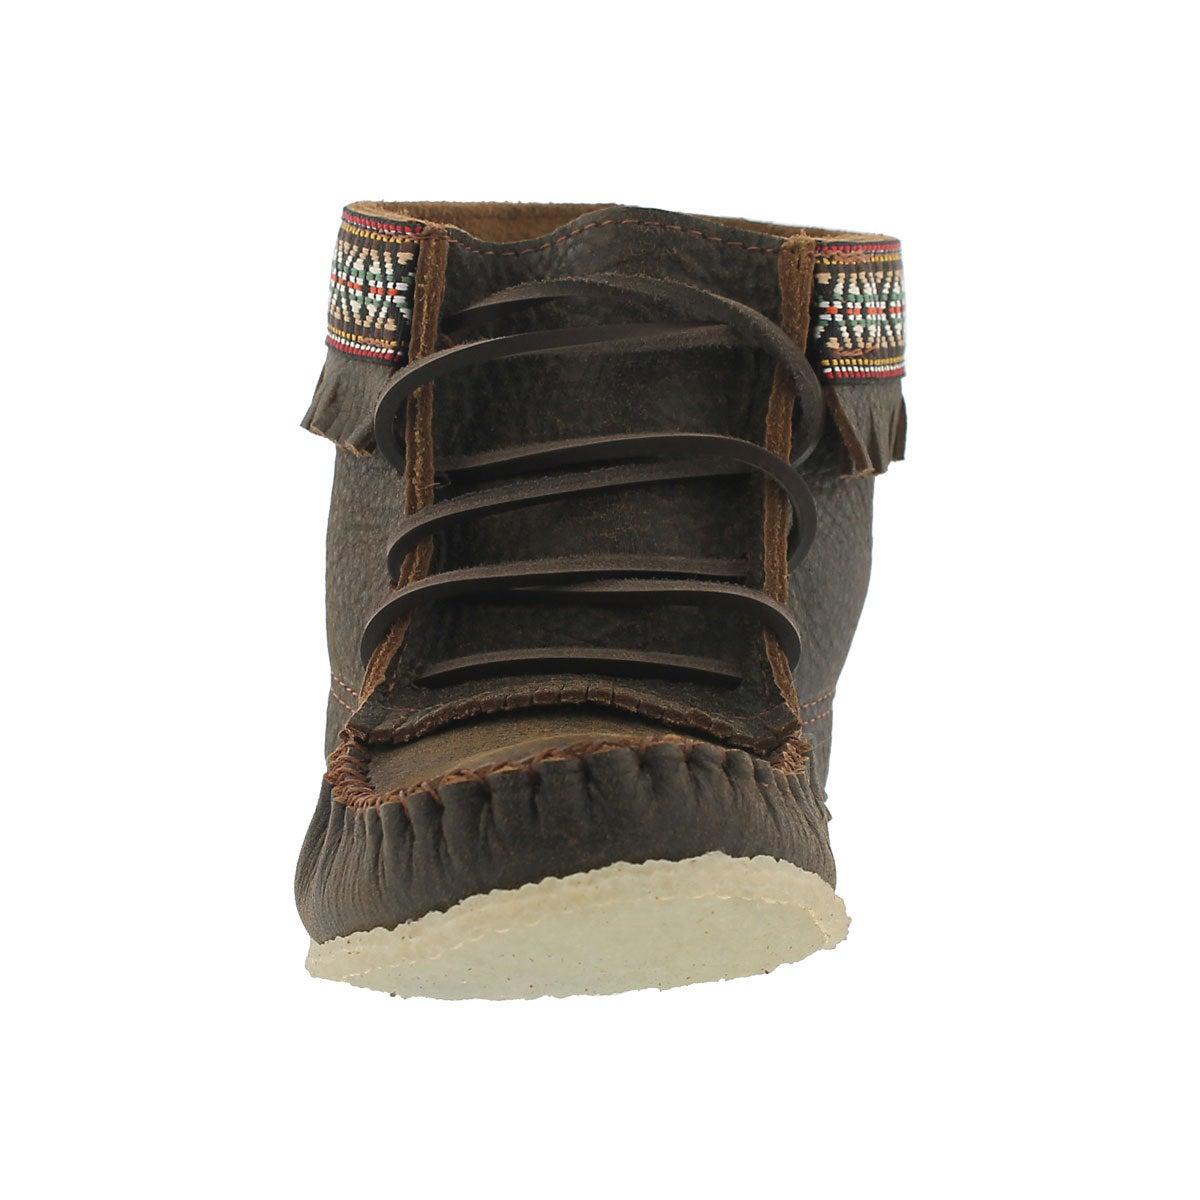 Lds bomber jckt brn fringe boot moccasin